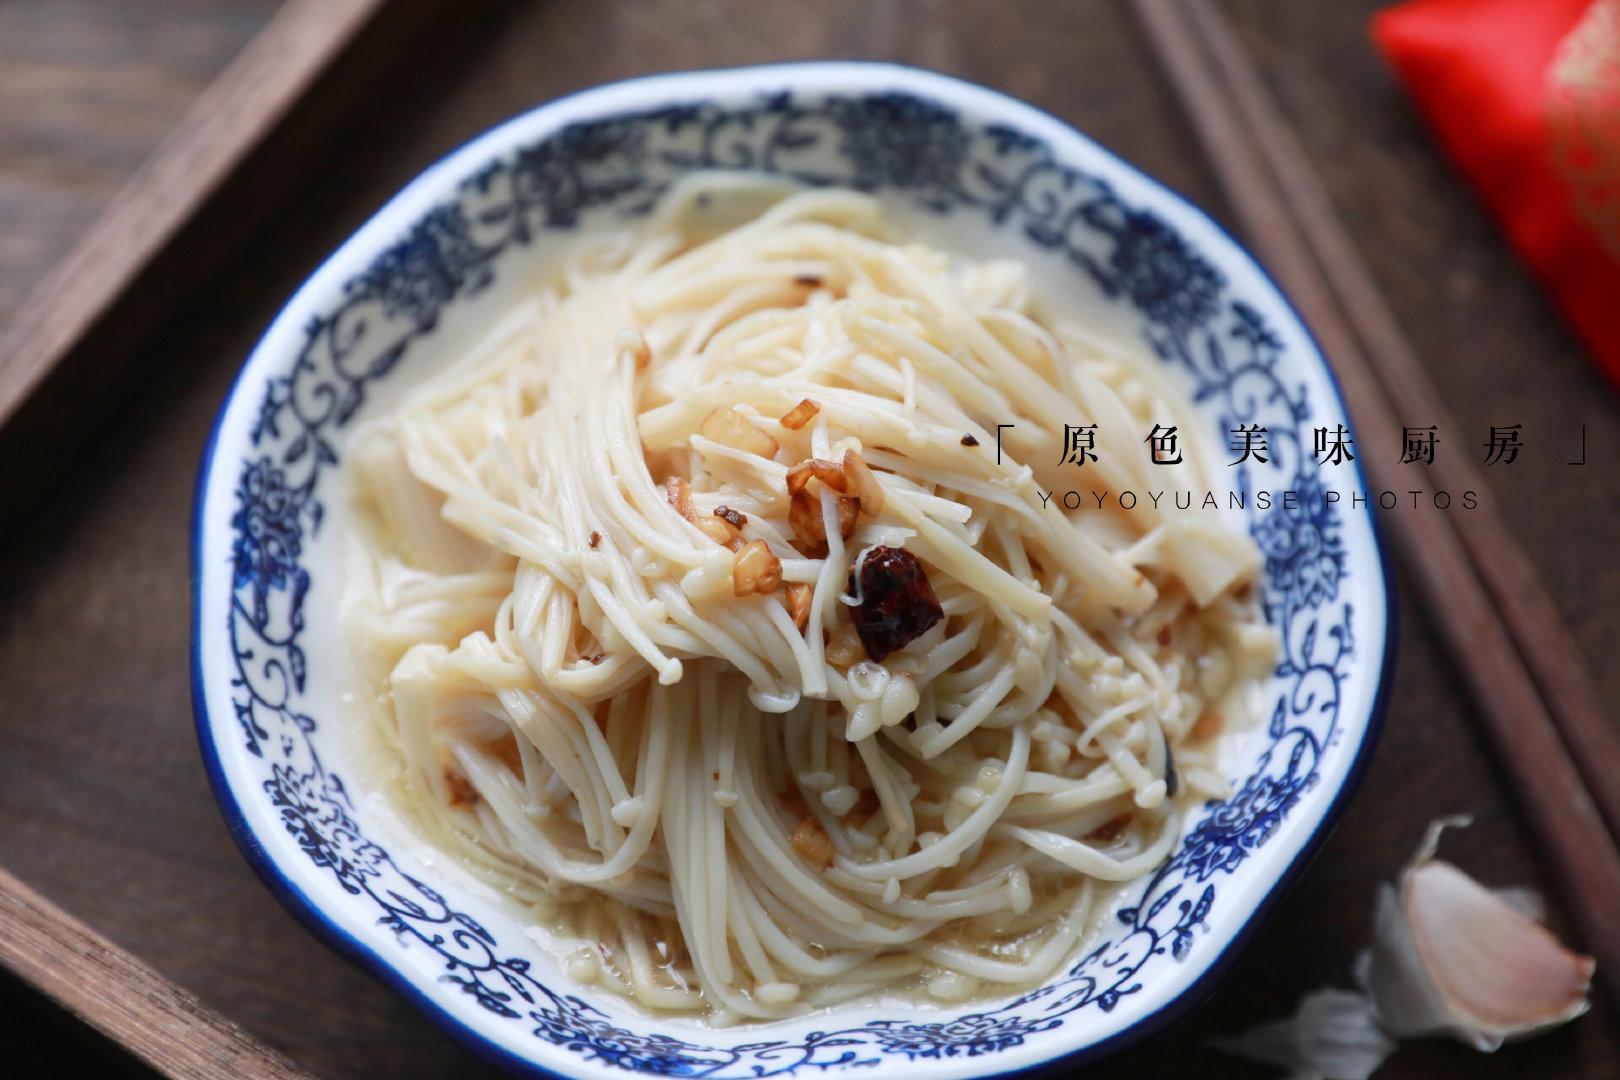 推荐一道清淡又健康的美食,烫一烫拌一拌就可以上桌